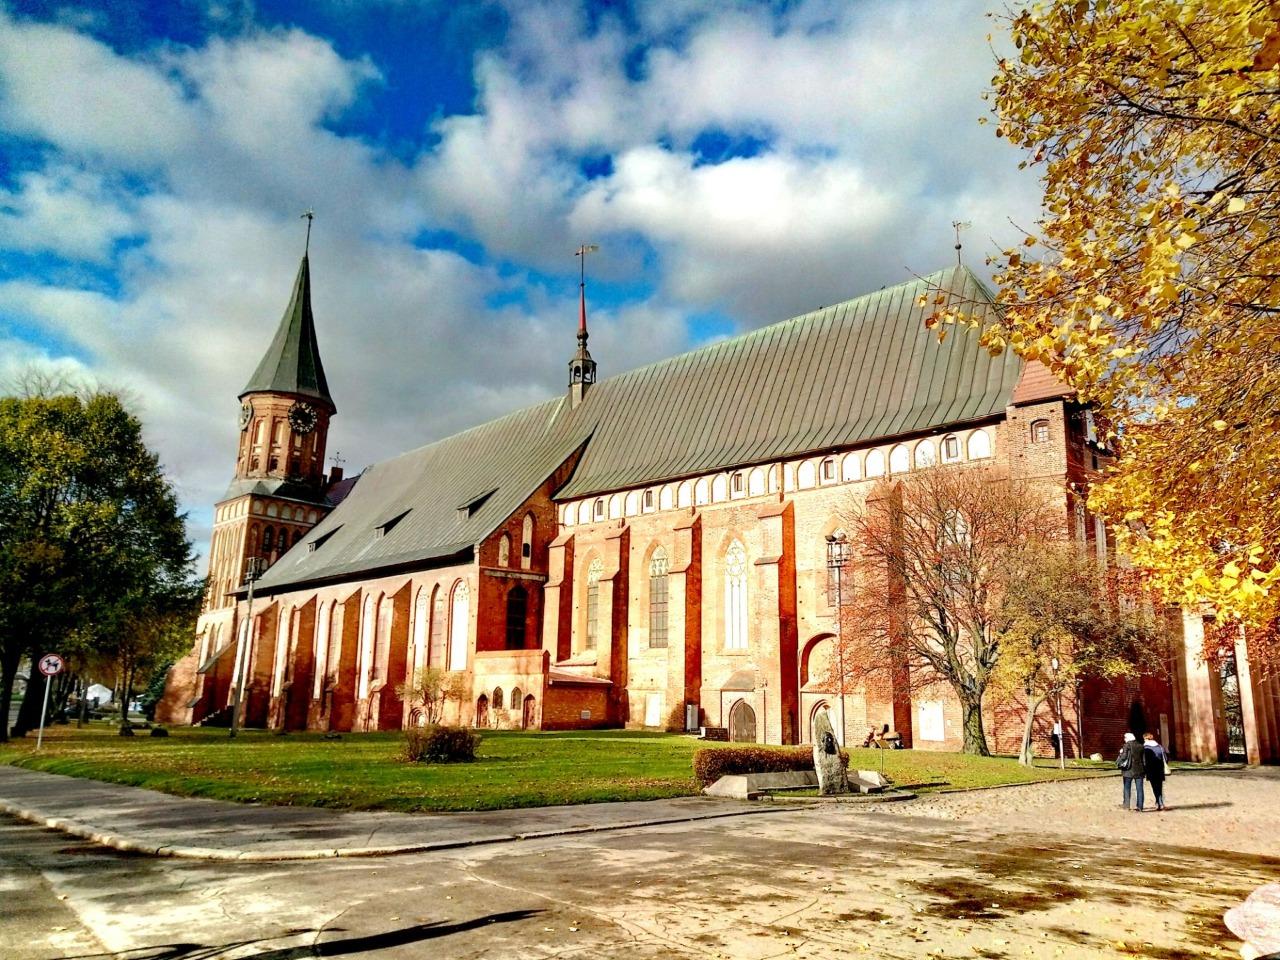 Ворота Кенигсберга: исторический экскурс - индивидуальная экскурсия в Калининграде от опытного гида